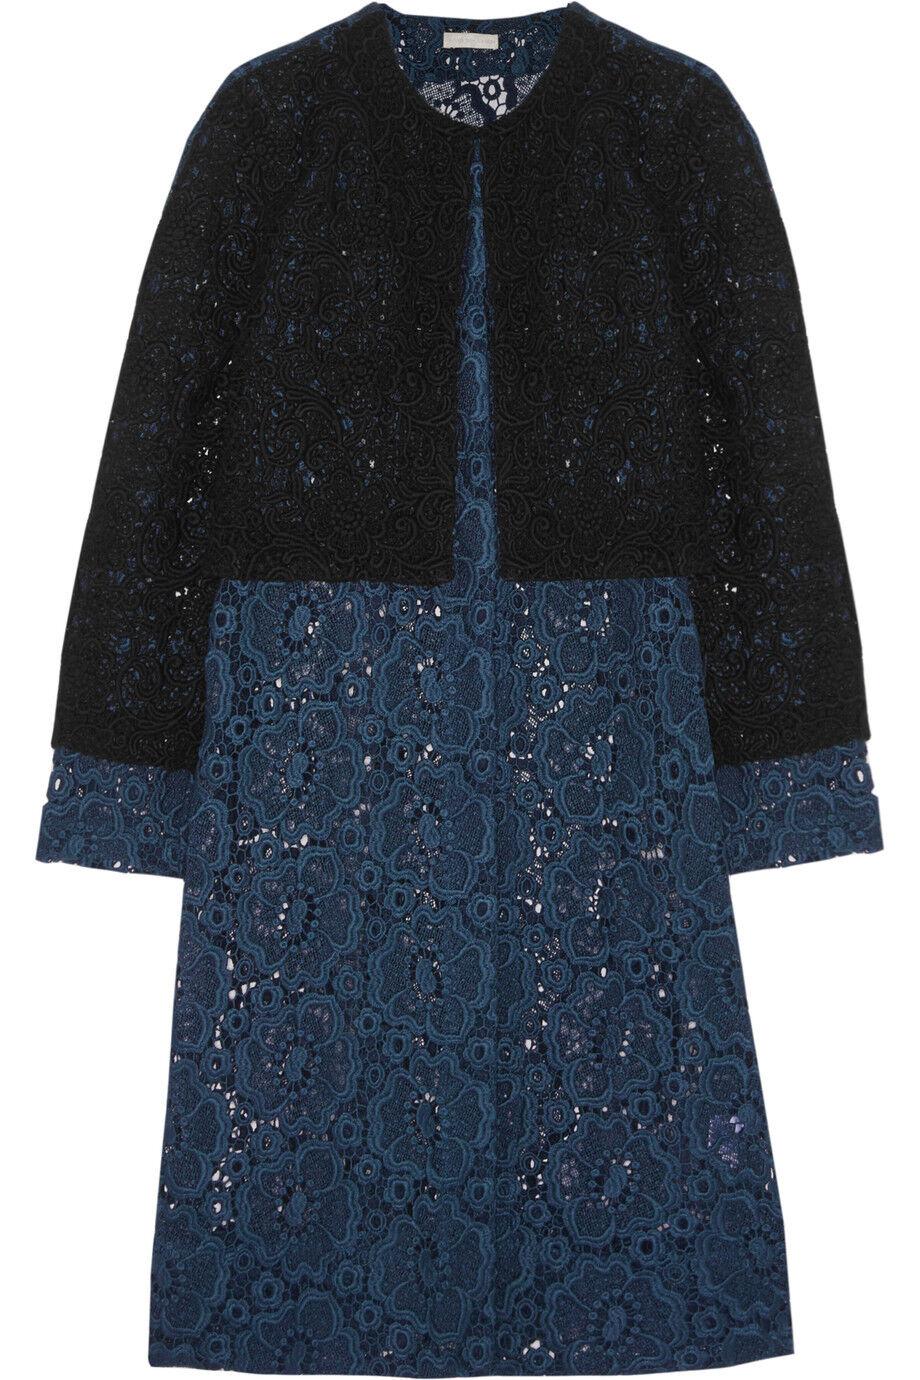 Michael Van Van Van Der Ham Louise Layerot Guipure Lace Coat Blau Größe UK 6 Box46 89 G | Offizielle Webseite  | Wirtschaftlich und praktisch  | Erlesene Materialien  | Verschiedene Stile und Stile  | Bestellung willkommen  cd33c9